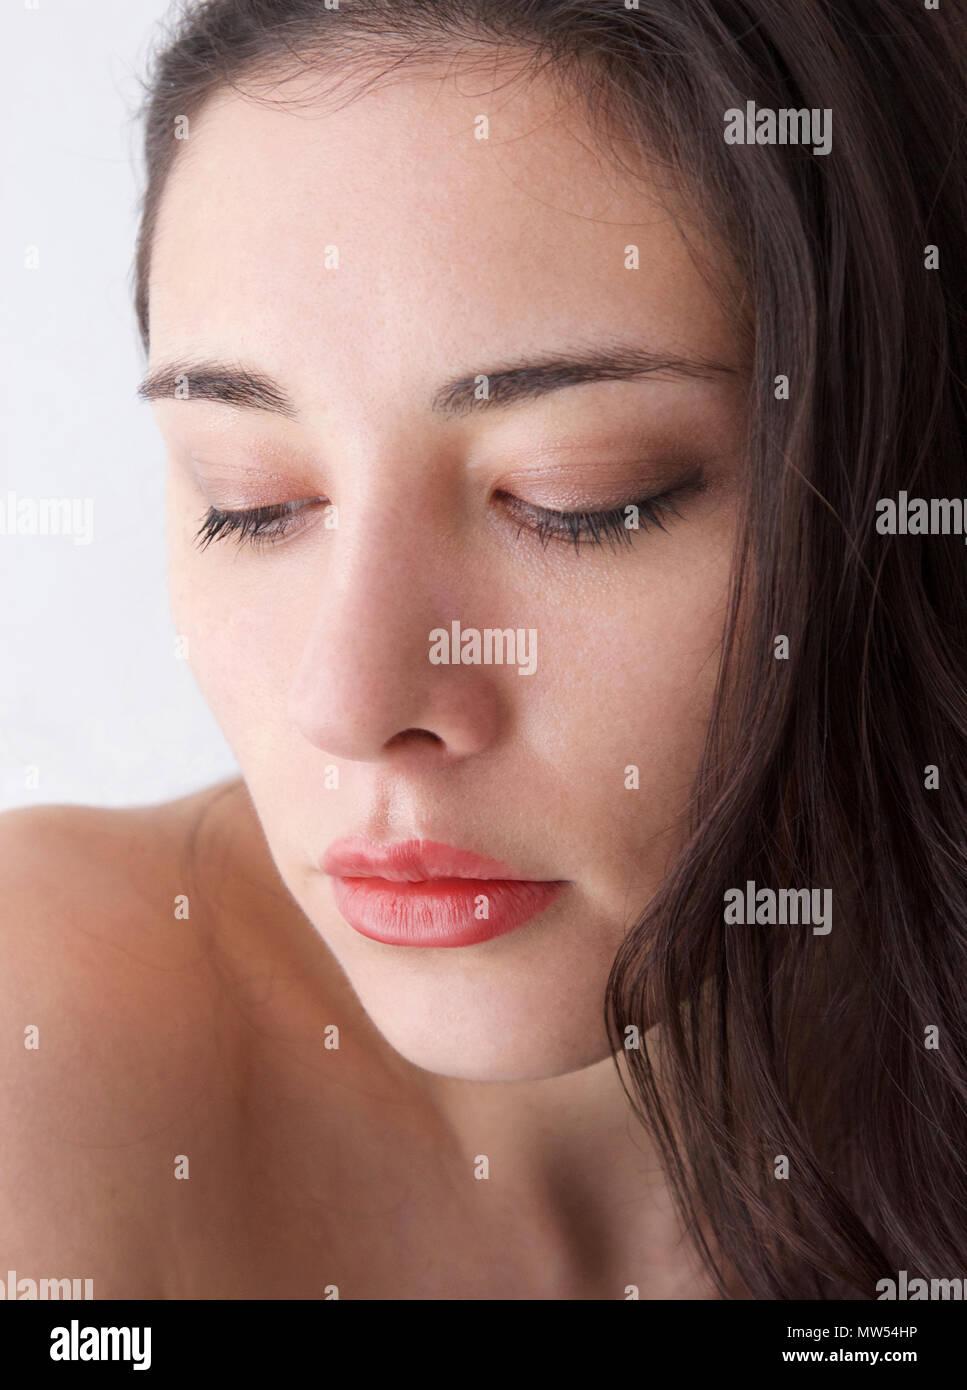 Jeune femme italienne avec les cheveux bruns et des lèvres rouges et plein les yeux baissés Photo Stock